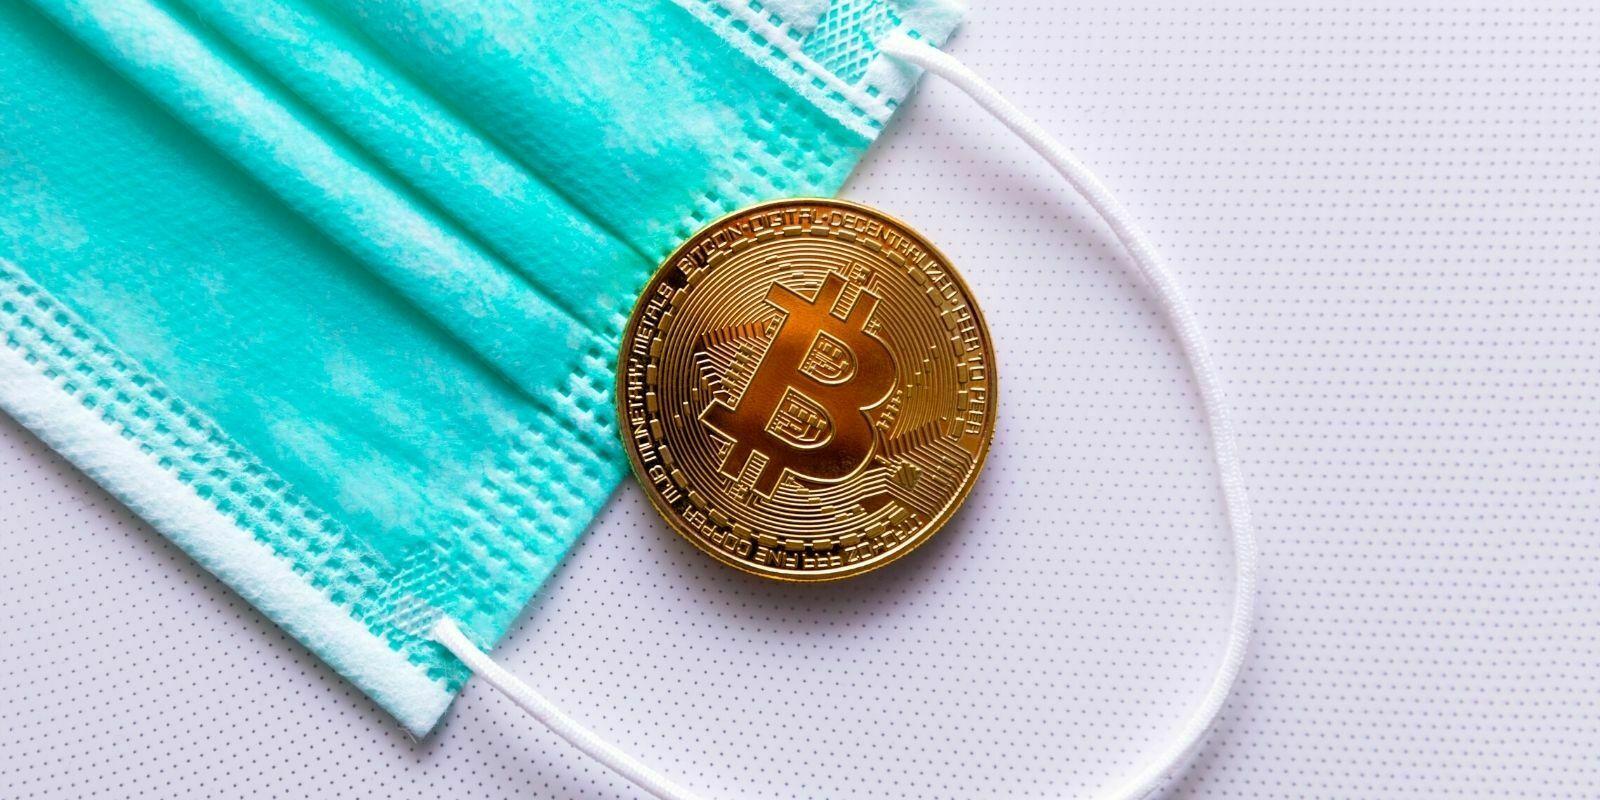 Le Bitcoin (BTC) et l'or chutent après l'annonce d'un vaccin anti-Covid-19